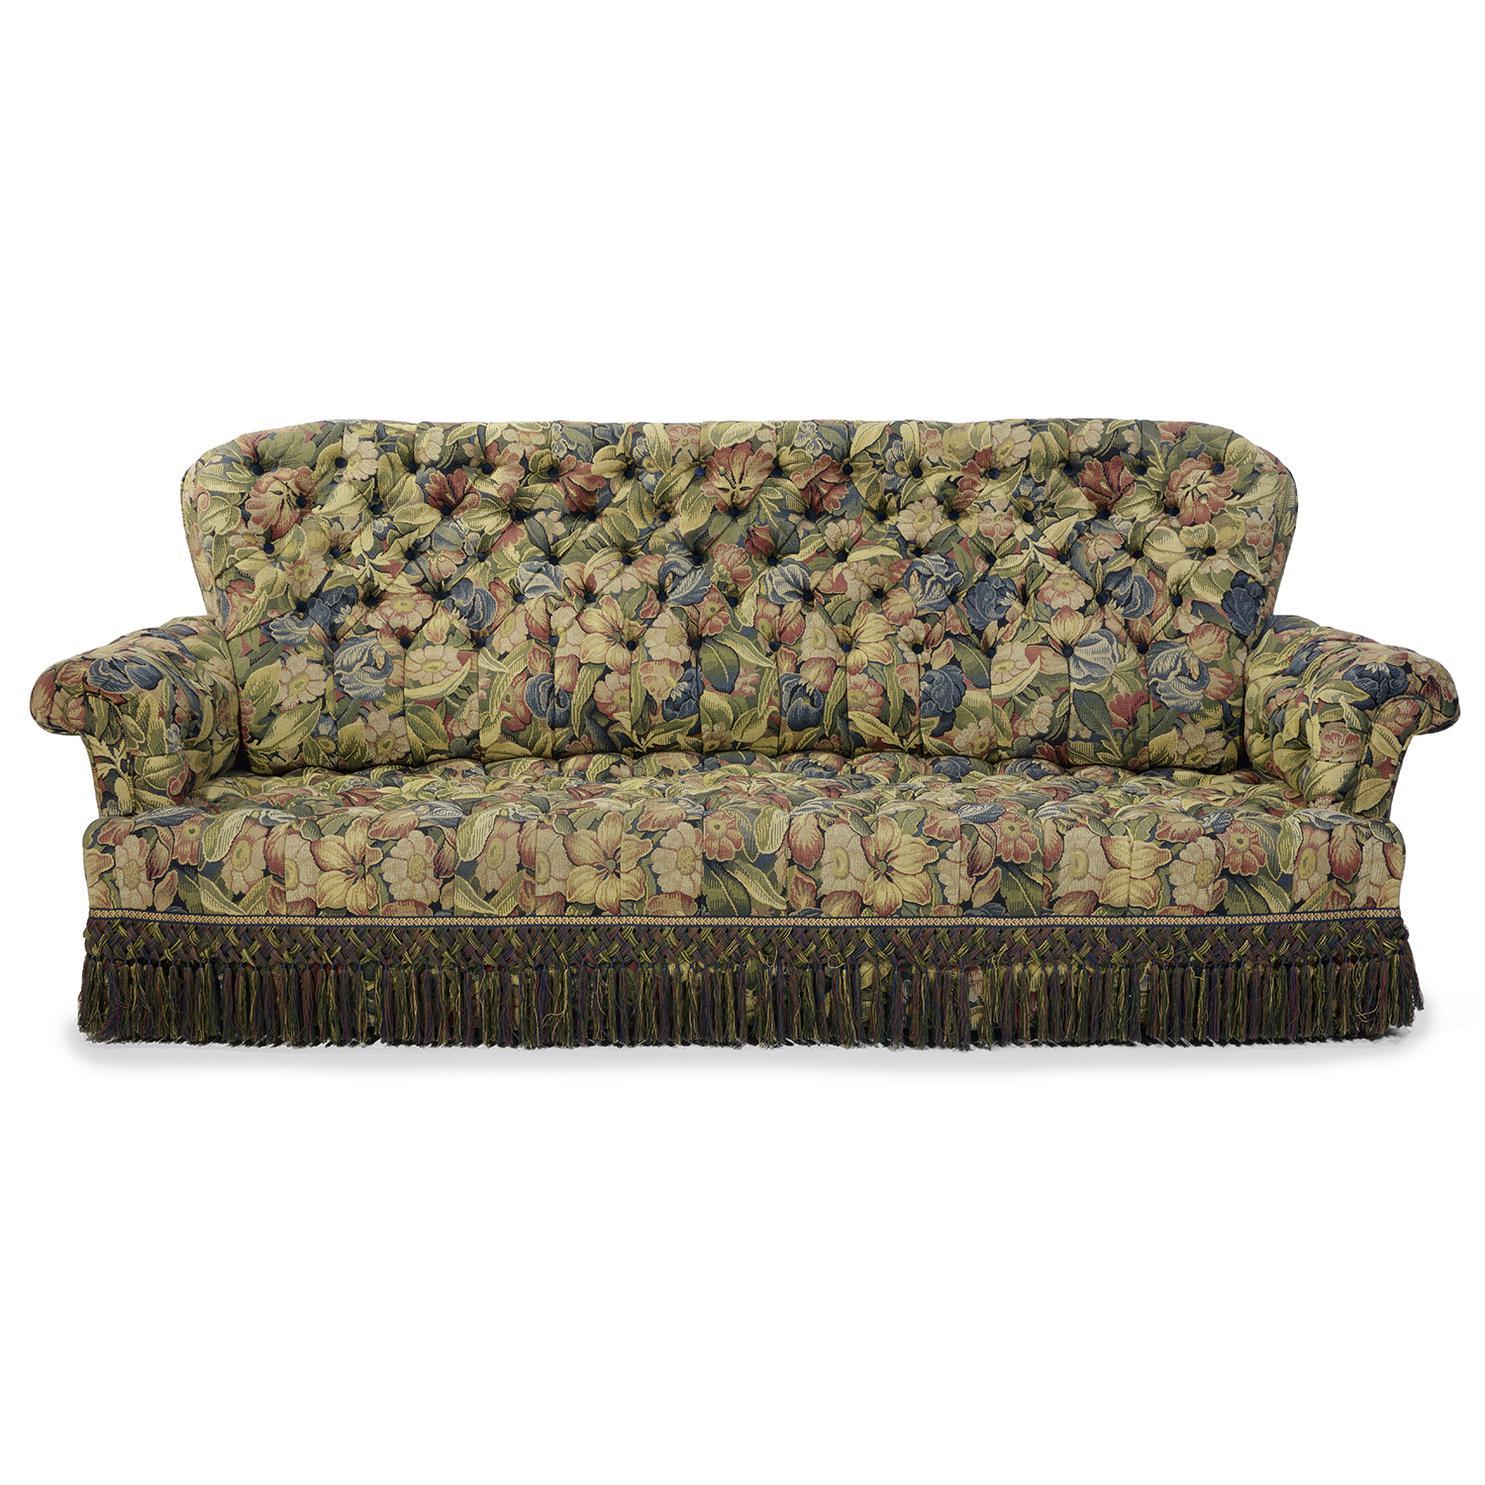 Jansen - A Sofa-